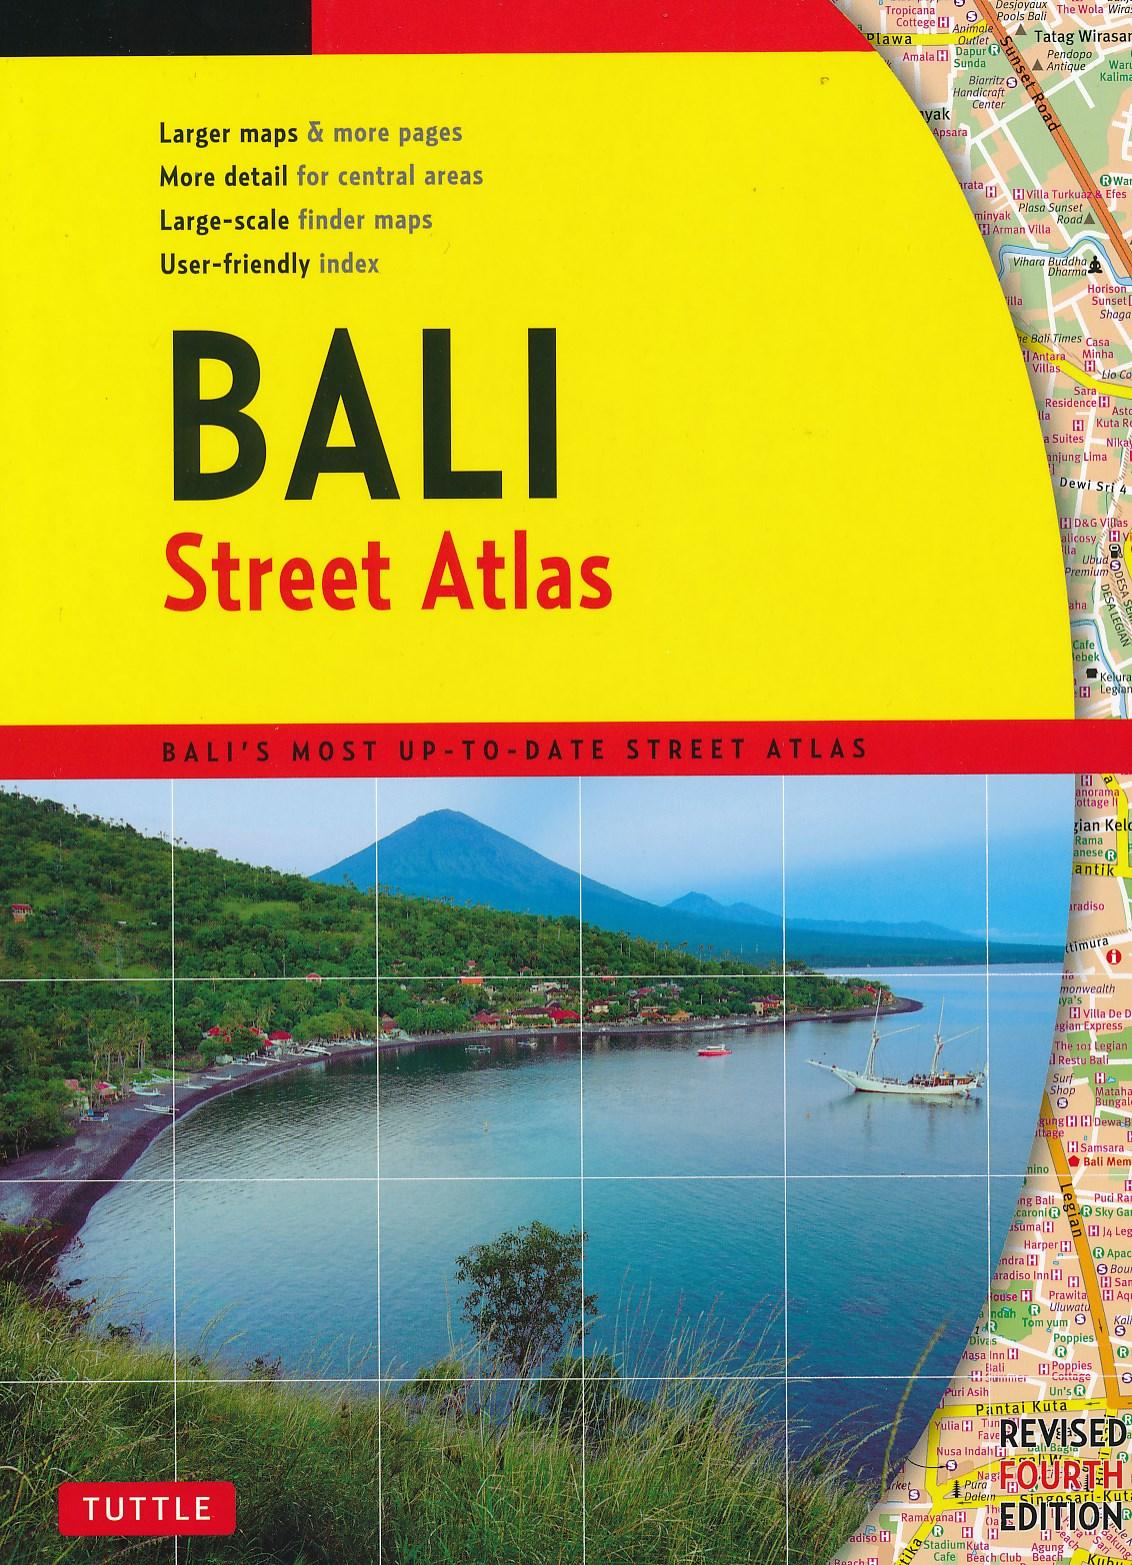 Wegenatlas Bali Street Atlas | Periplus <br/>€ 21.50 <br/> <a href='https://www.dezwerver.nl/reisgidsen/?tt=1554_252853_241358_&r=https%3A%2F%2Fwww.dezwerver.nl%2Fr%2Fazie%2Findonesie%2Fbali%2Fc%2Fkaarten%2Fwegenatlassen%2F9780804845298%2Fwegenatlas-bali-street-atlas-periplus%2F' target='_blank'>Meer Info</a>